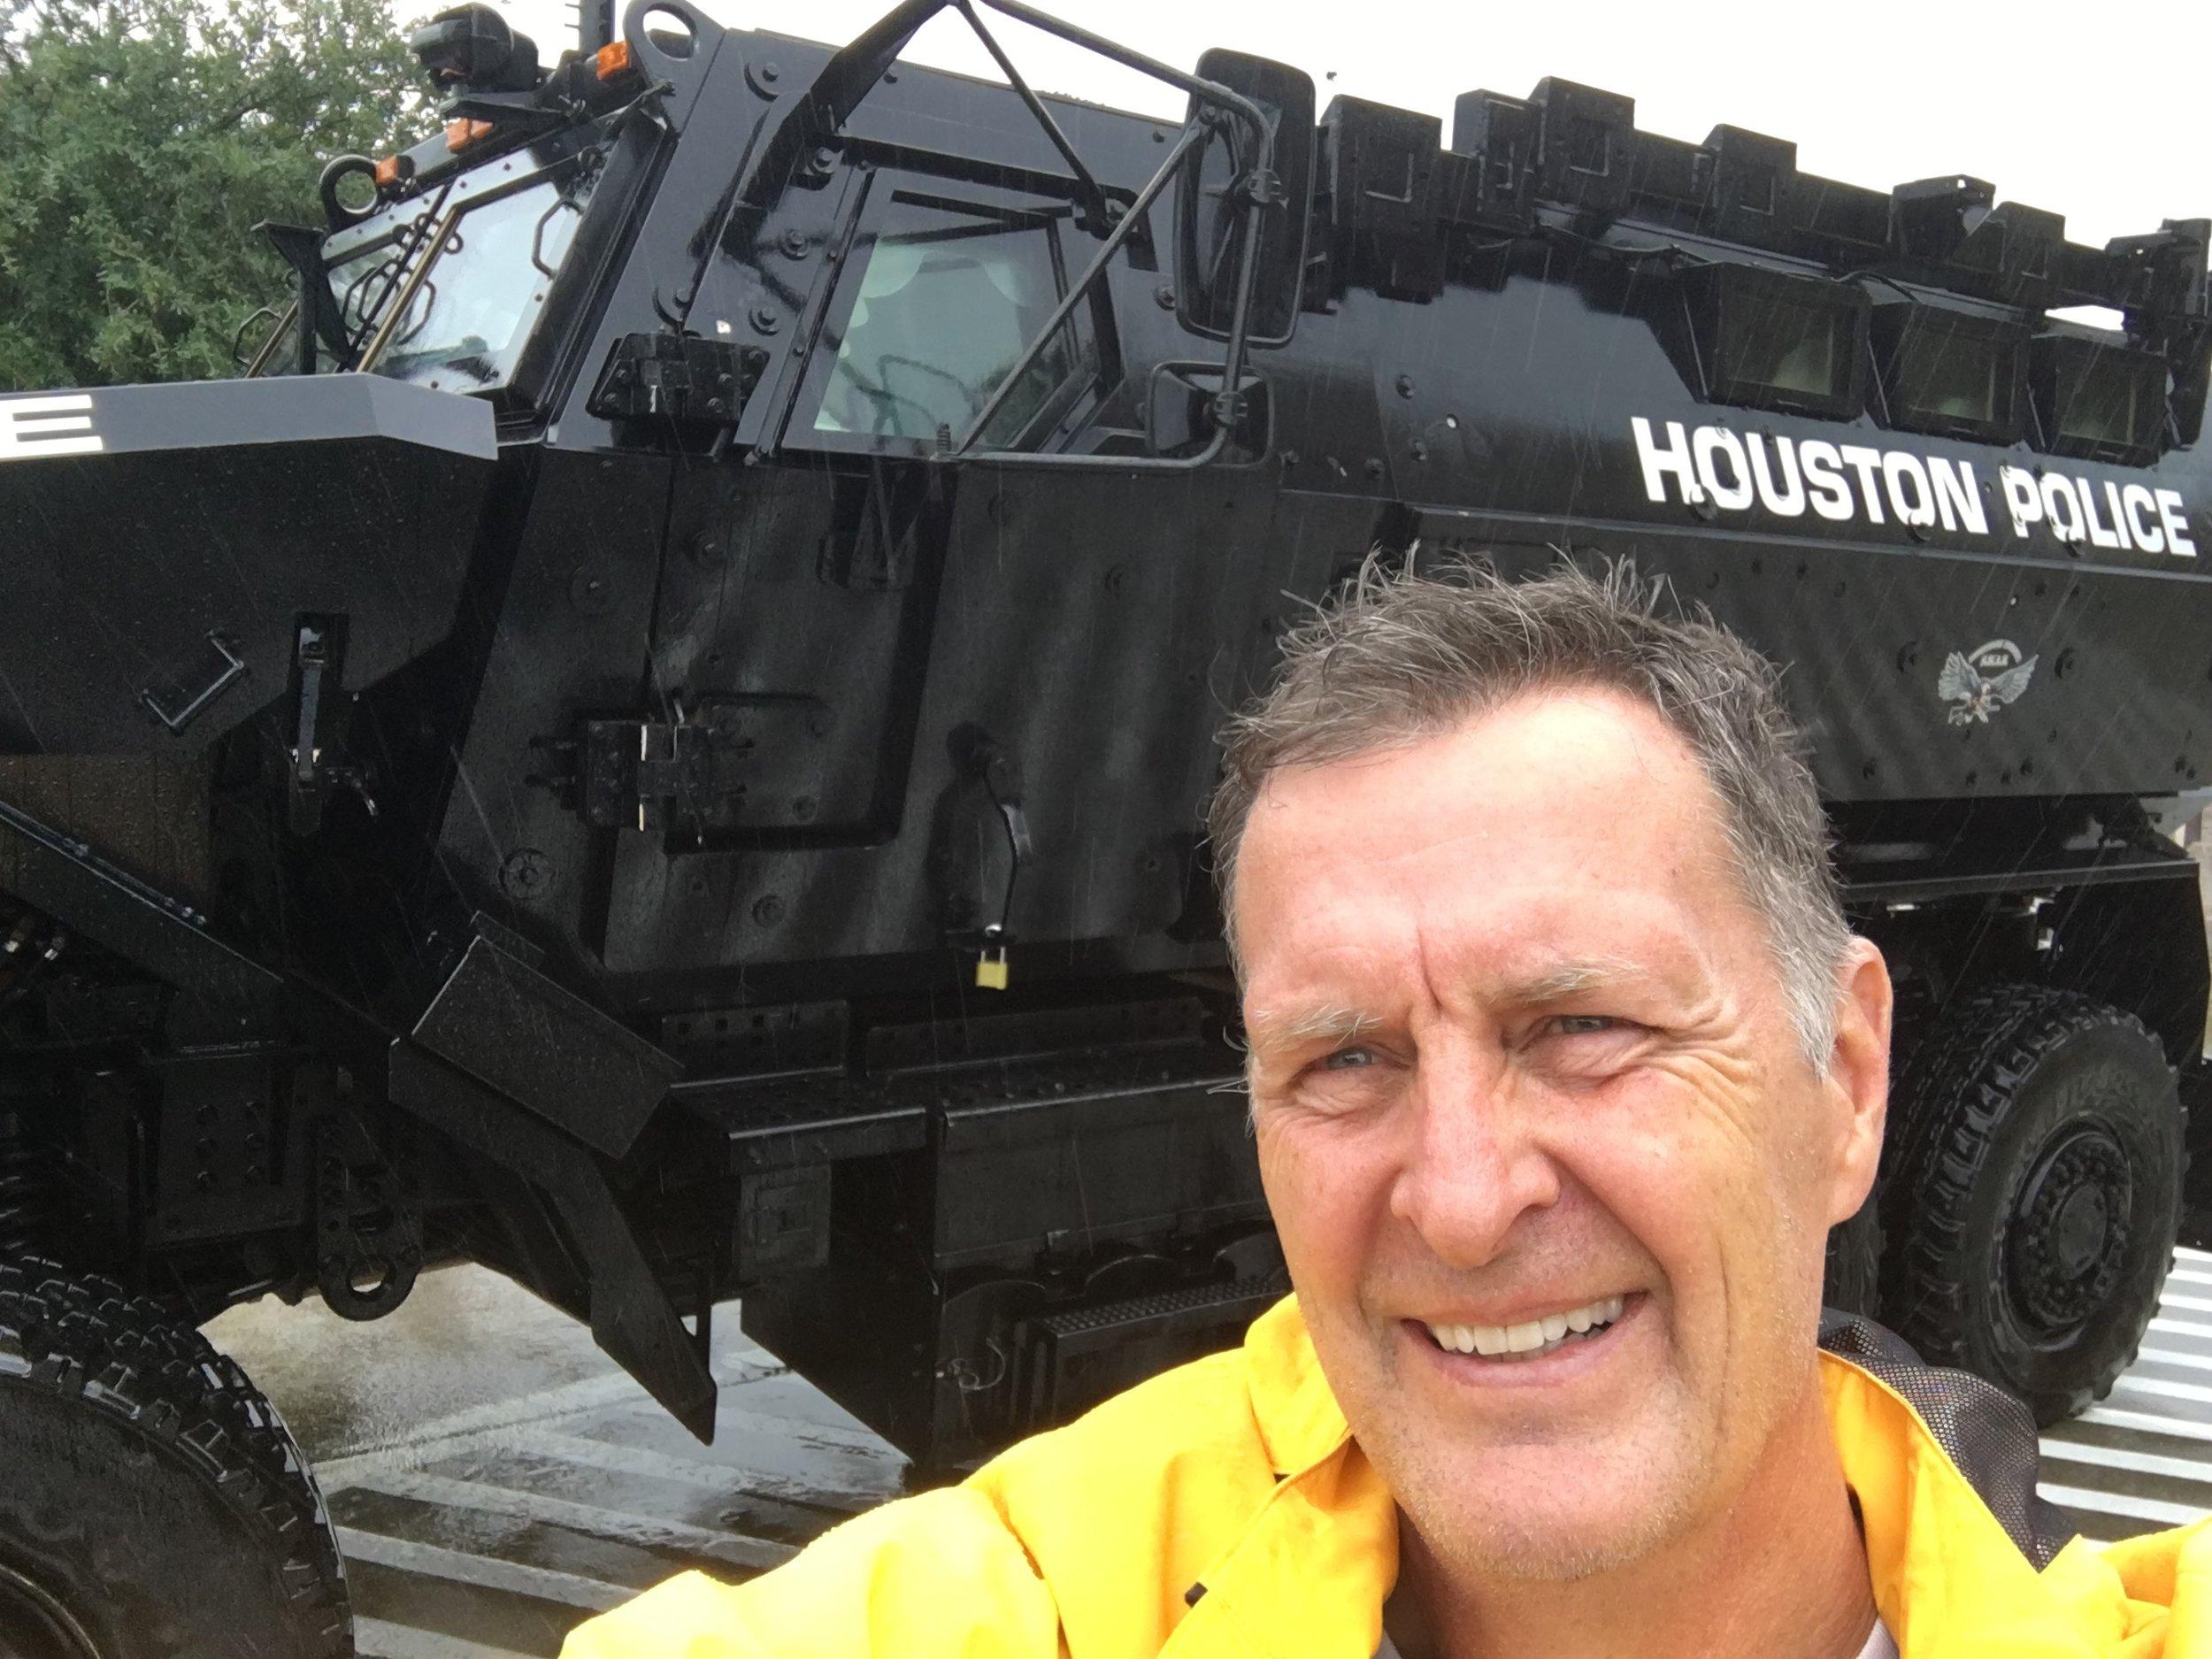 Photo of Bob Emery at his job